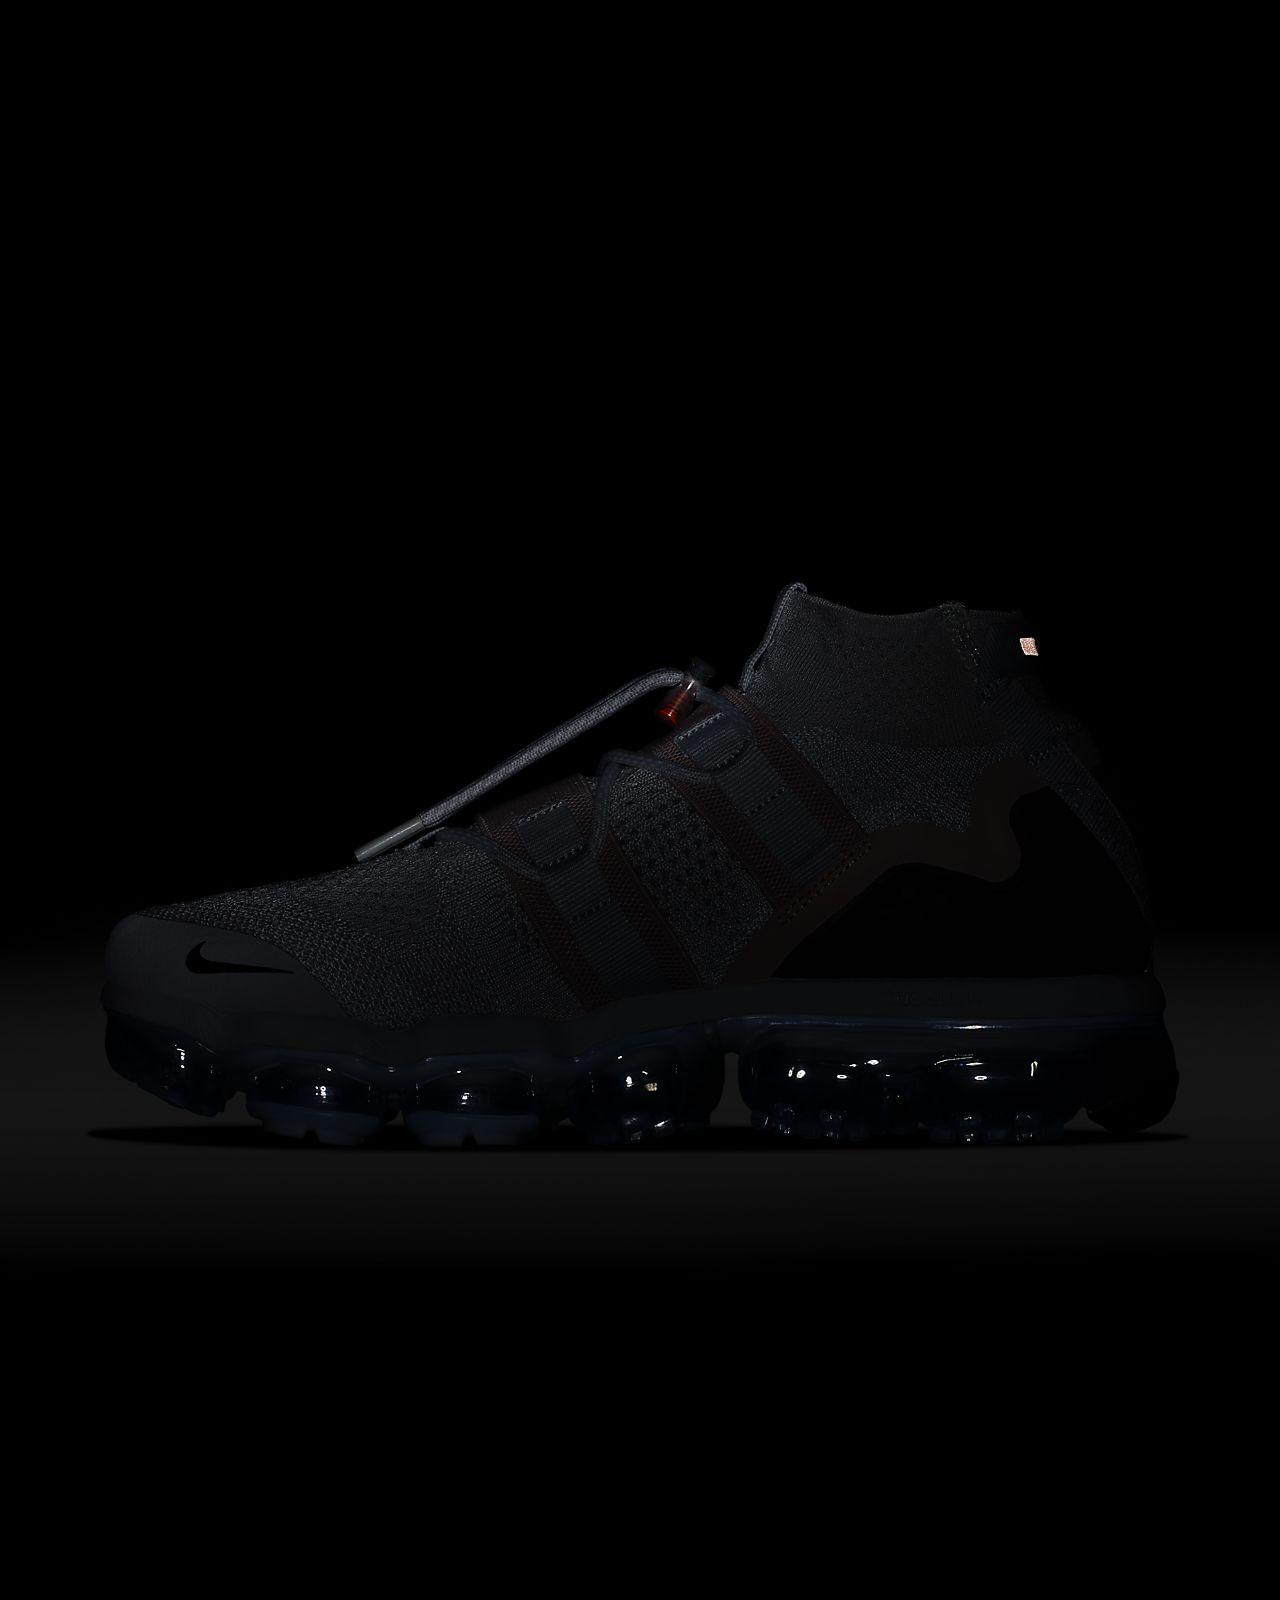 8f39c2874ae166 Nike Air VaporMax Flyknit Utility Shoe. Nike.com AU